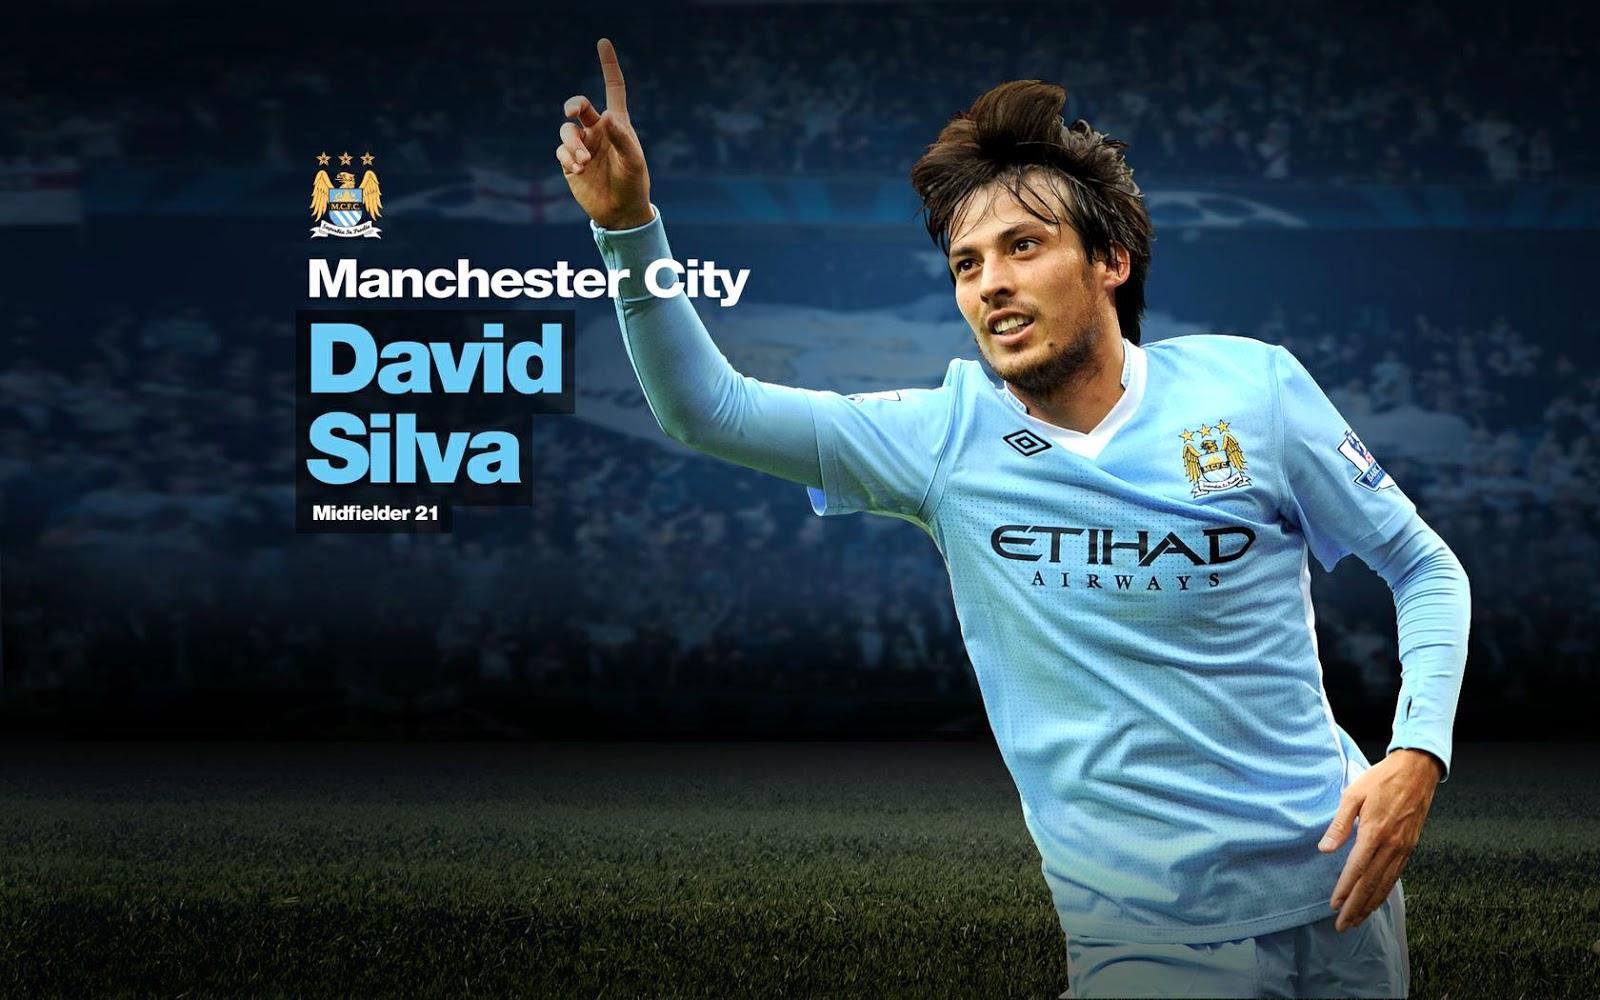 Hình Nền Manchester City Full HD Free Download